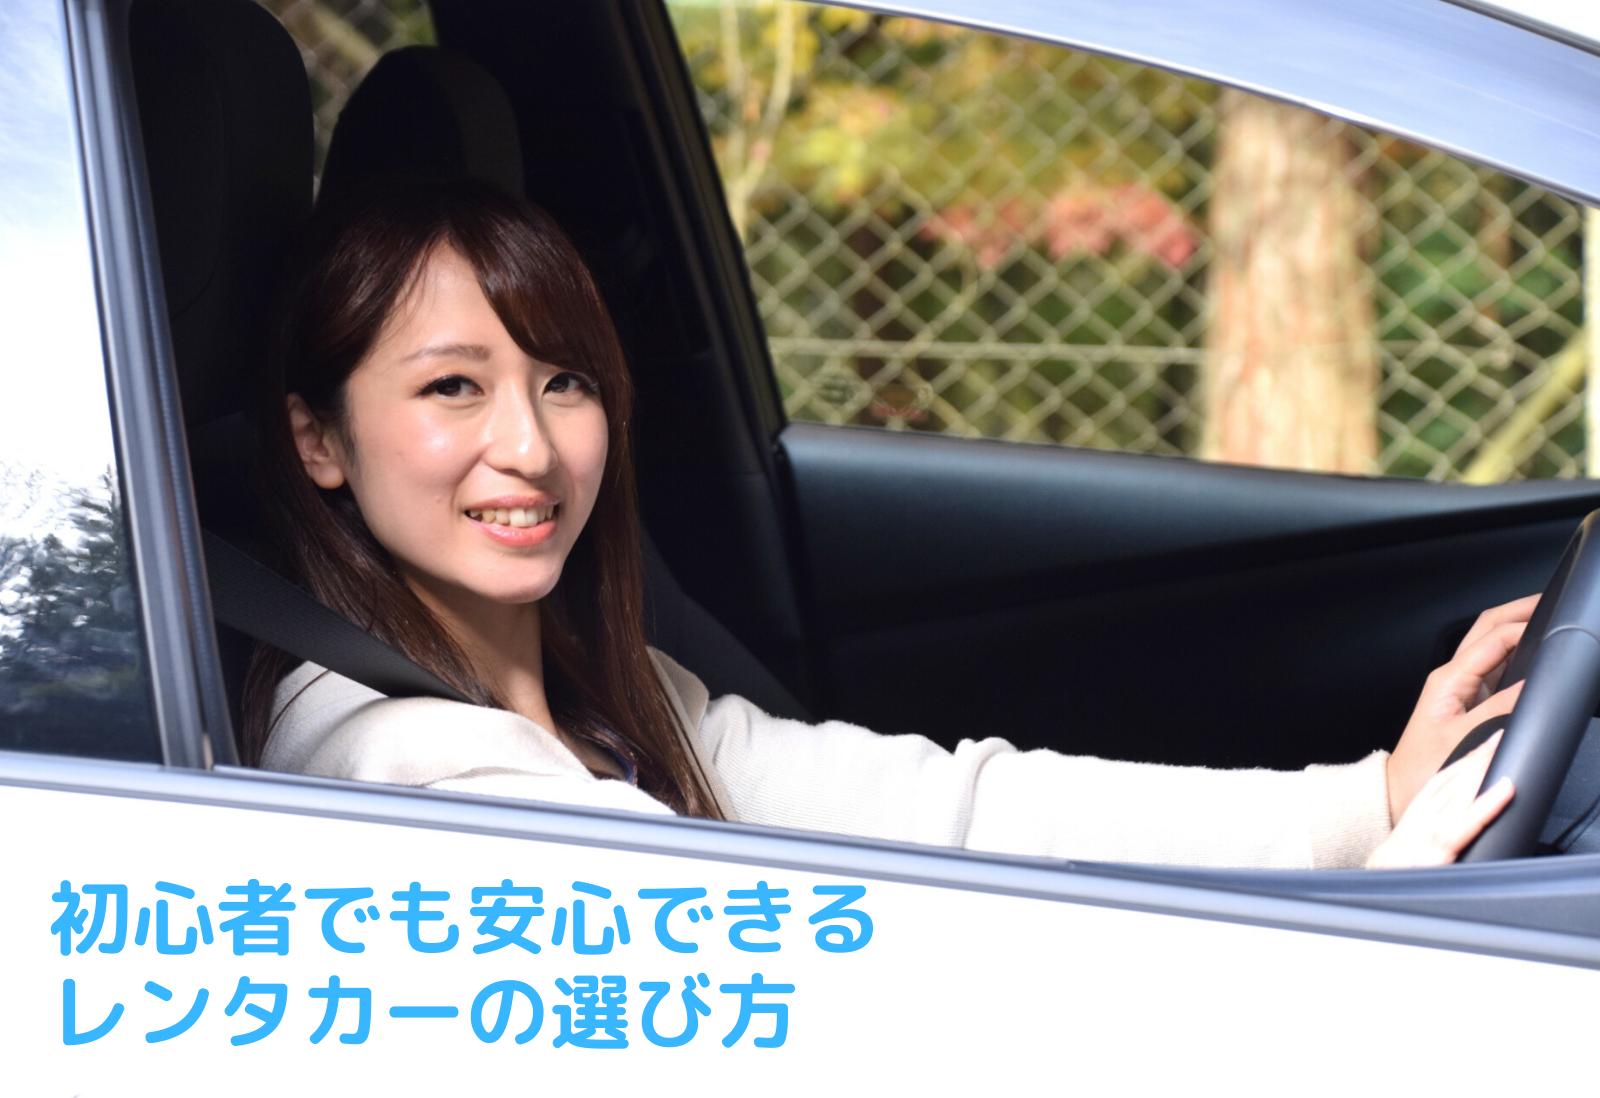 初心者も安心できるレンタカーの選び方